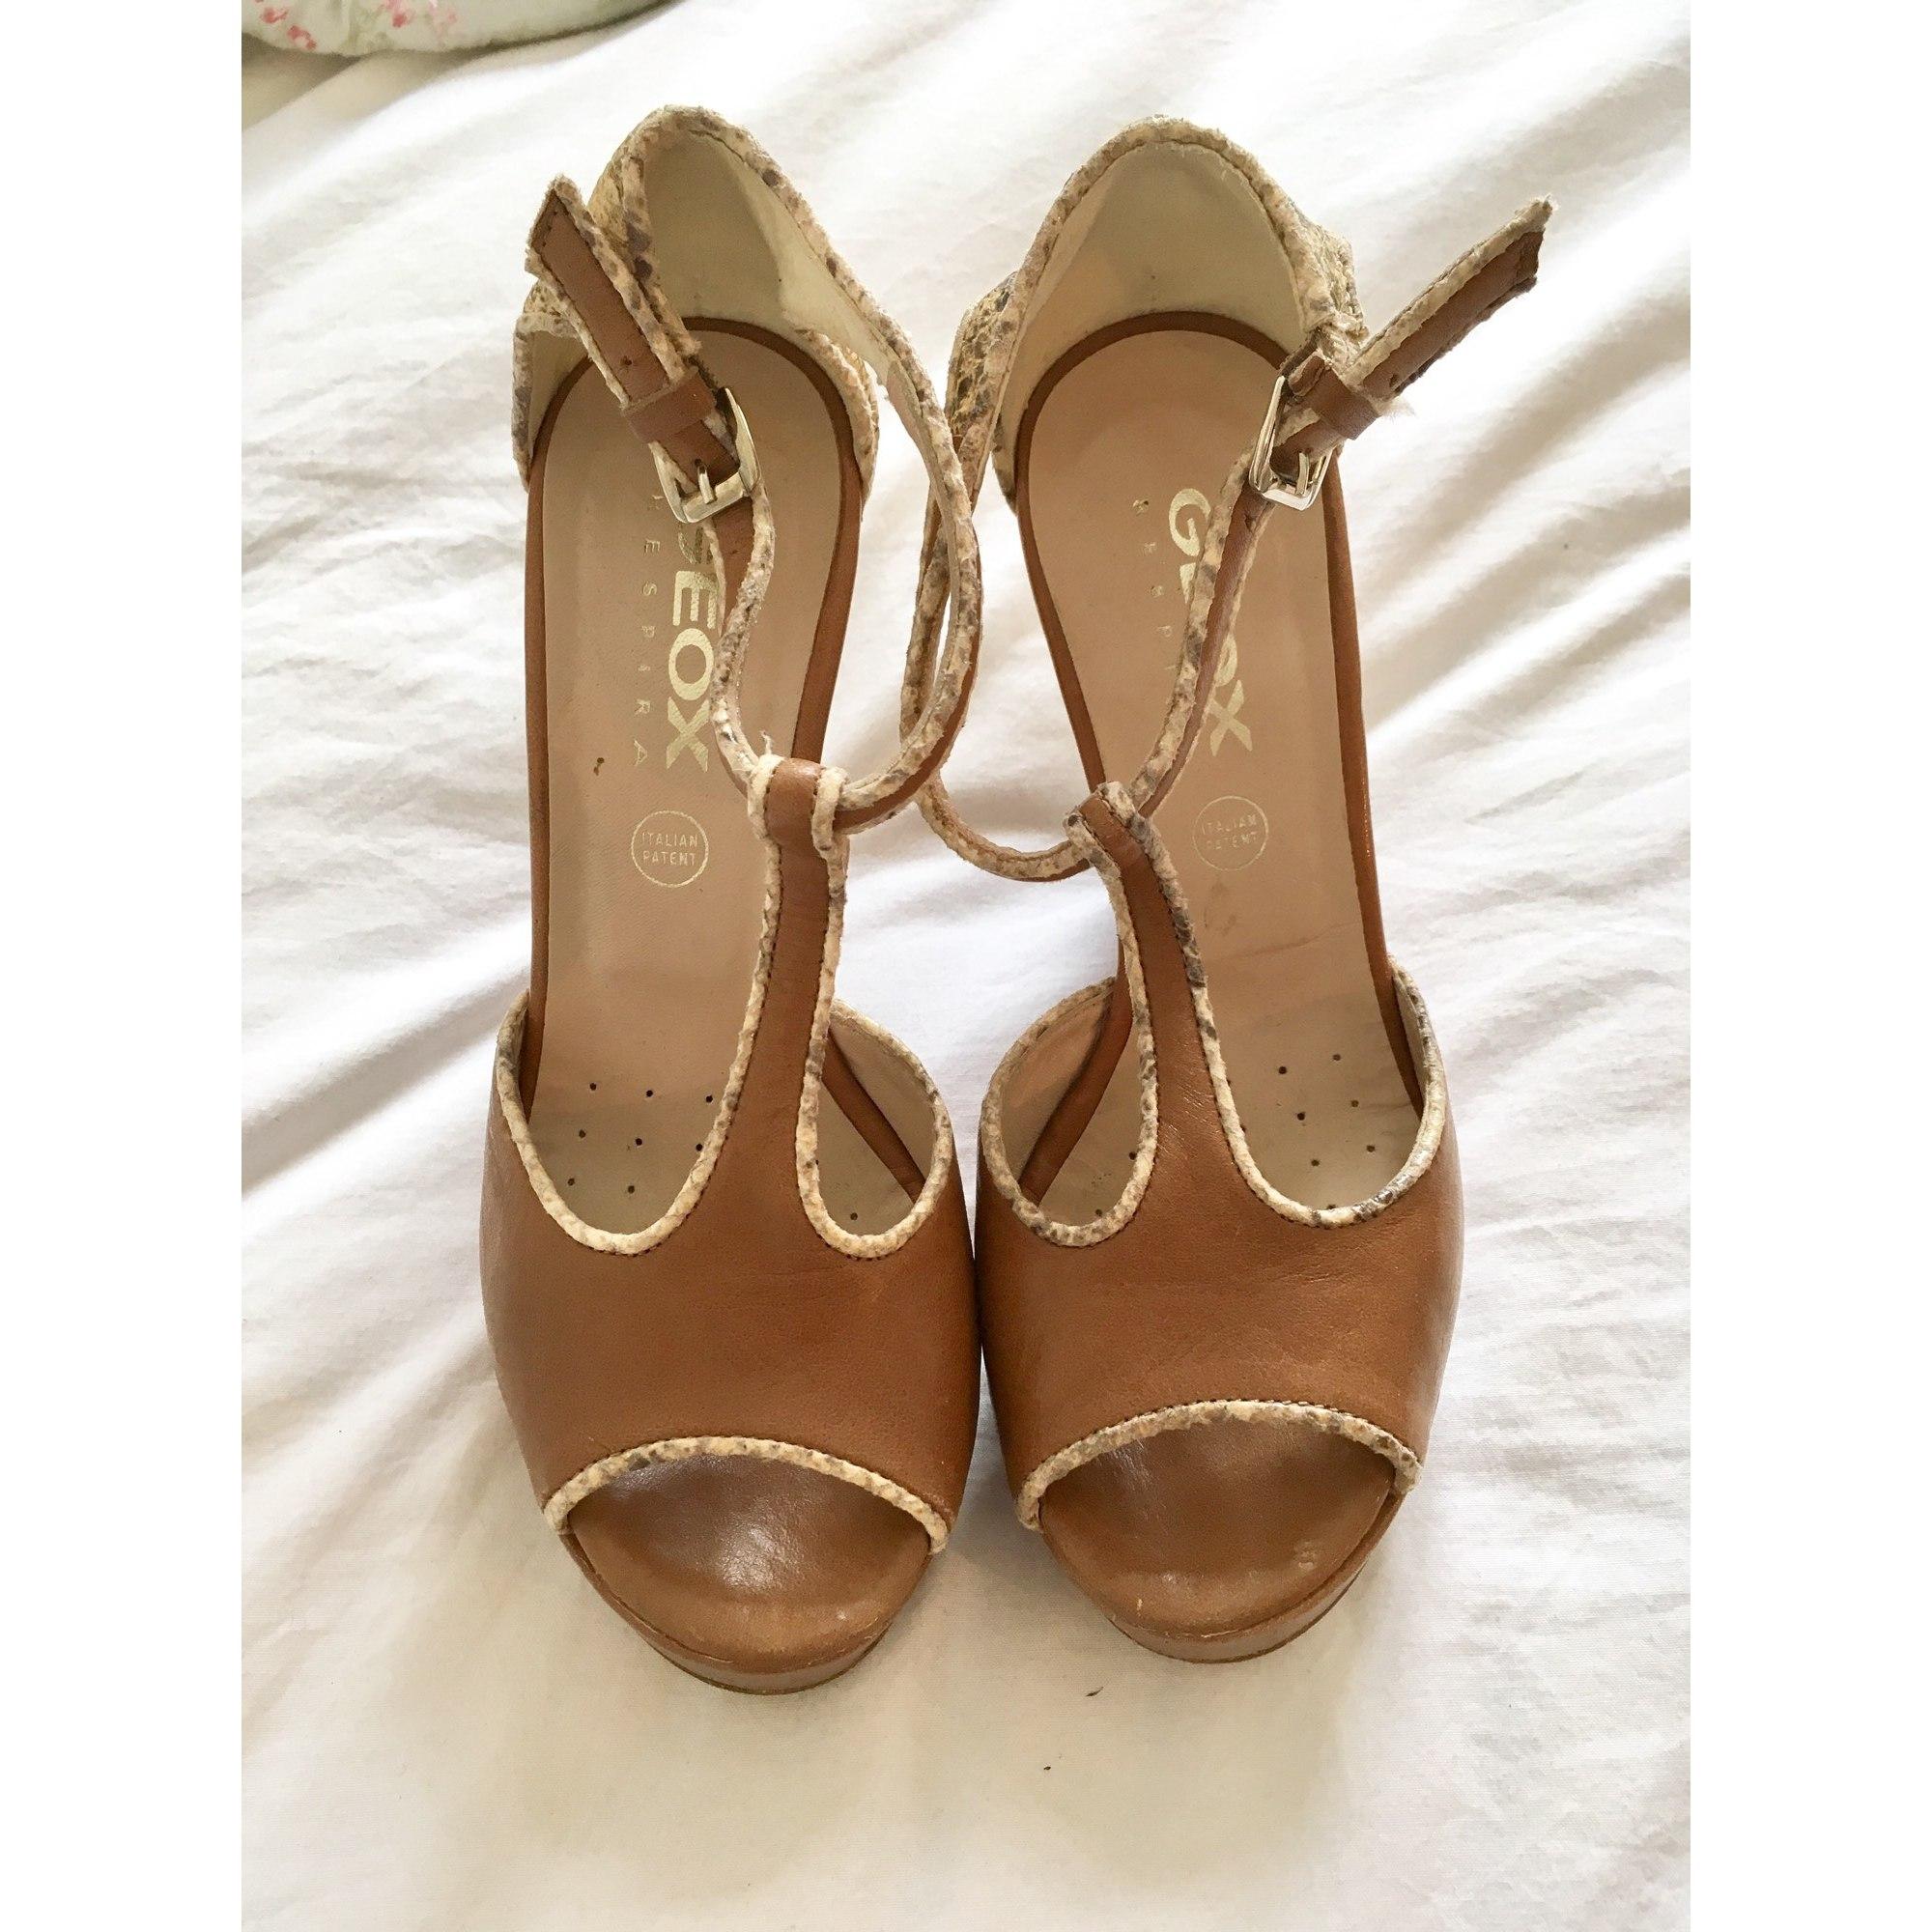 Sandales compensées GEOX 36 beige - 6097338 25dfc054f6fb